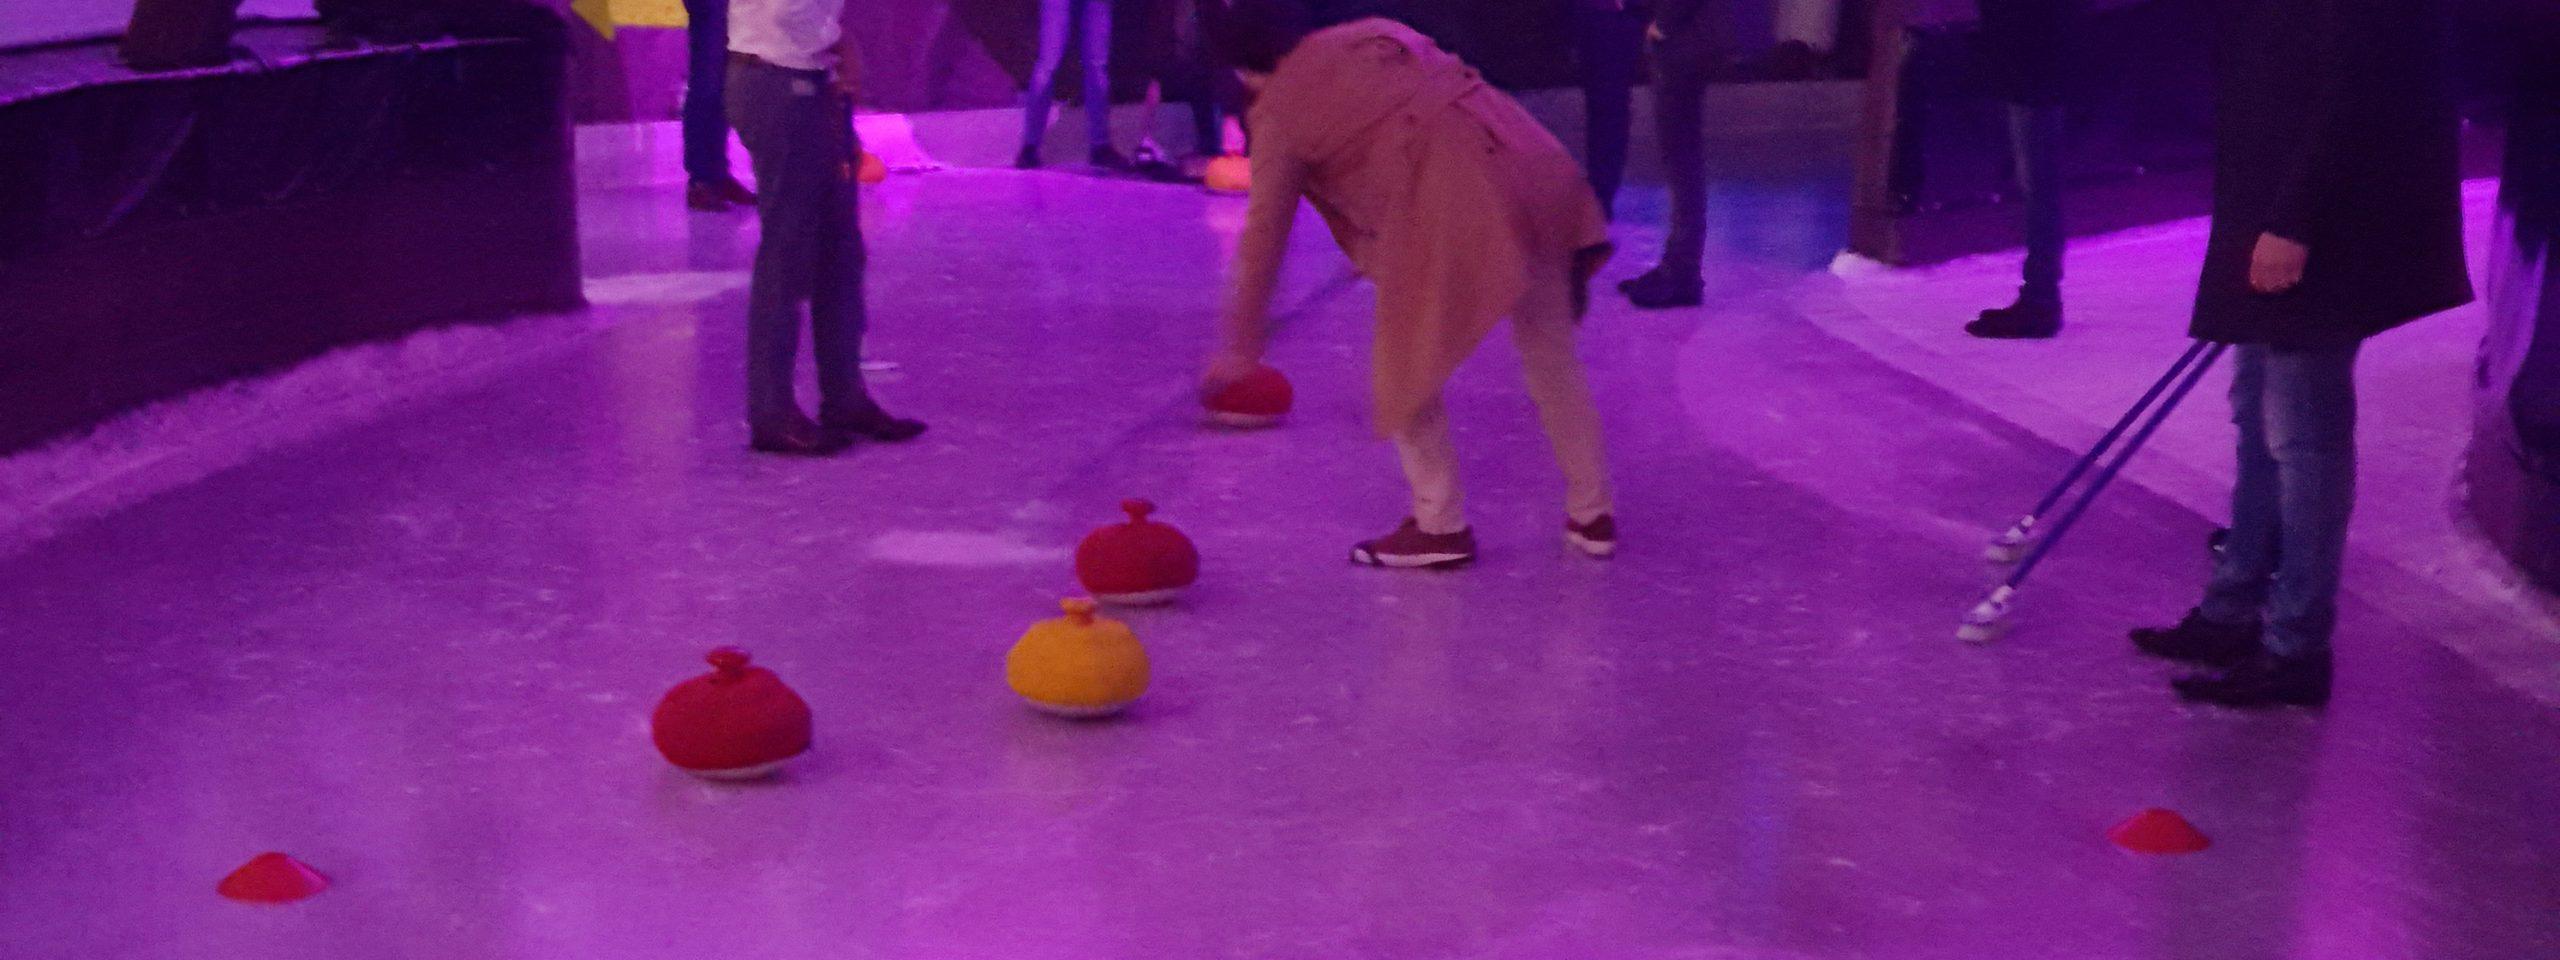 Fun curling tilburg/breda 3